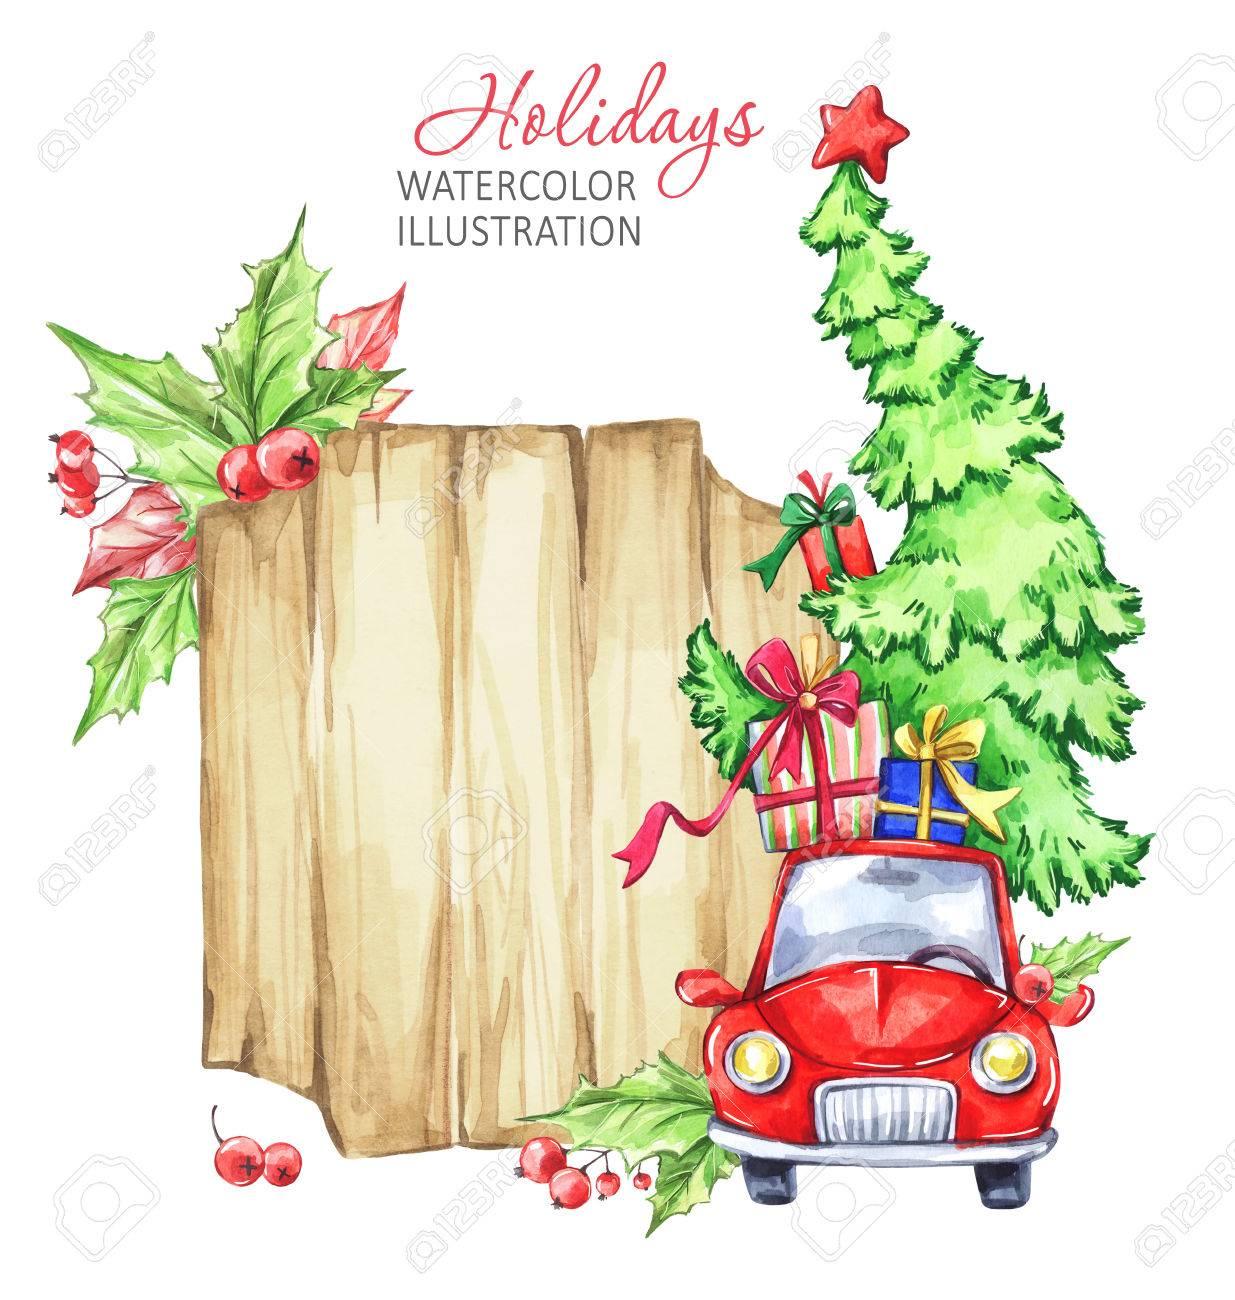 Auto Weihnachtsbaum.Stock Photo